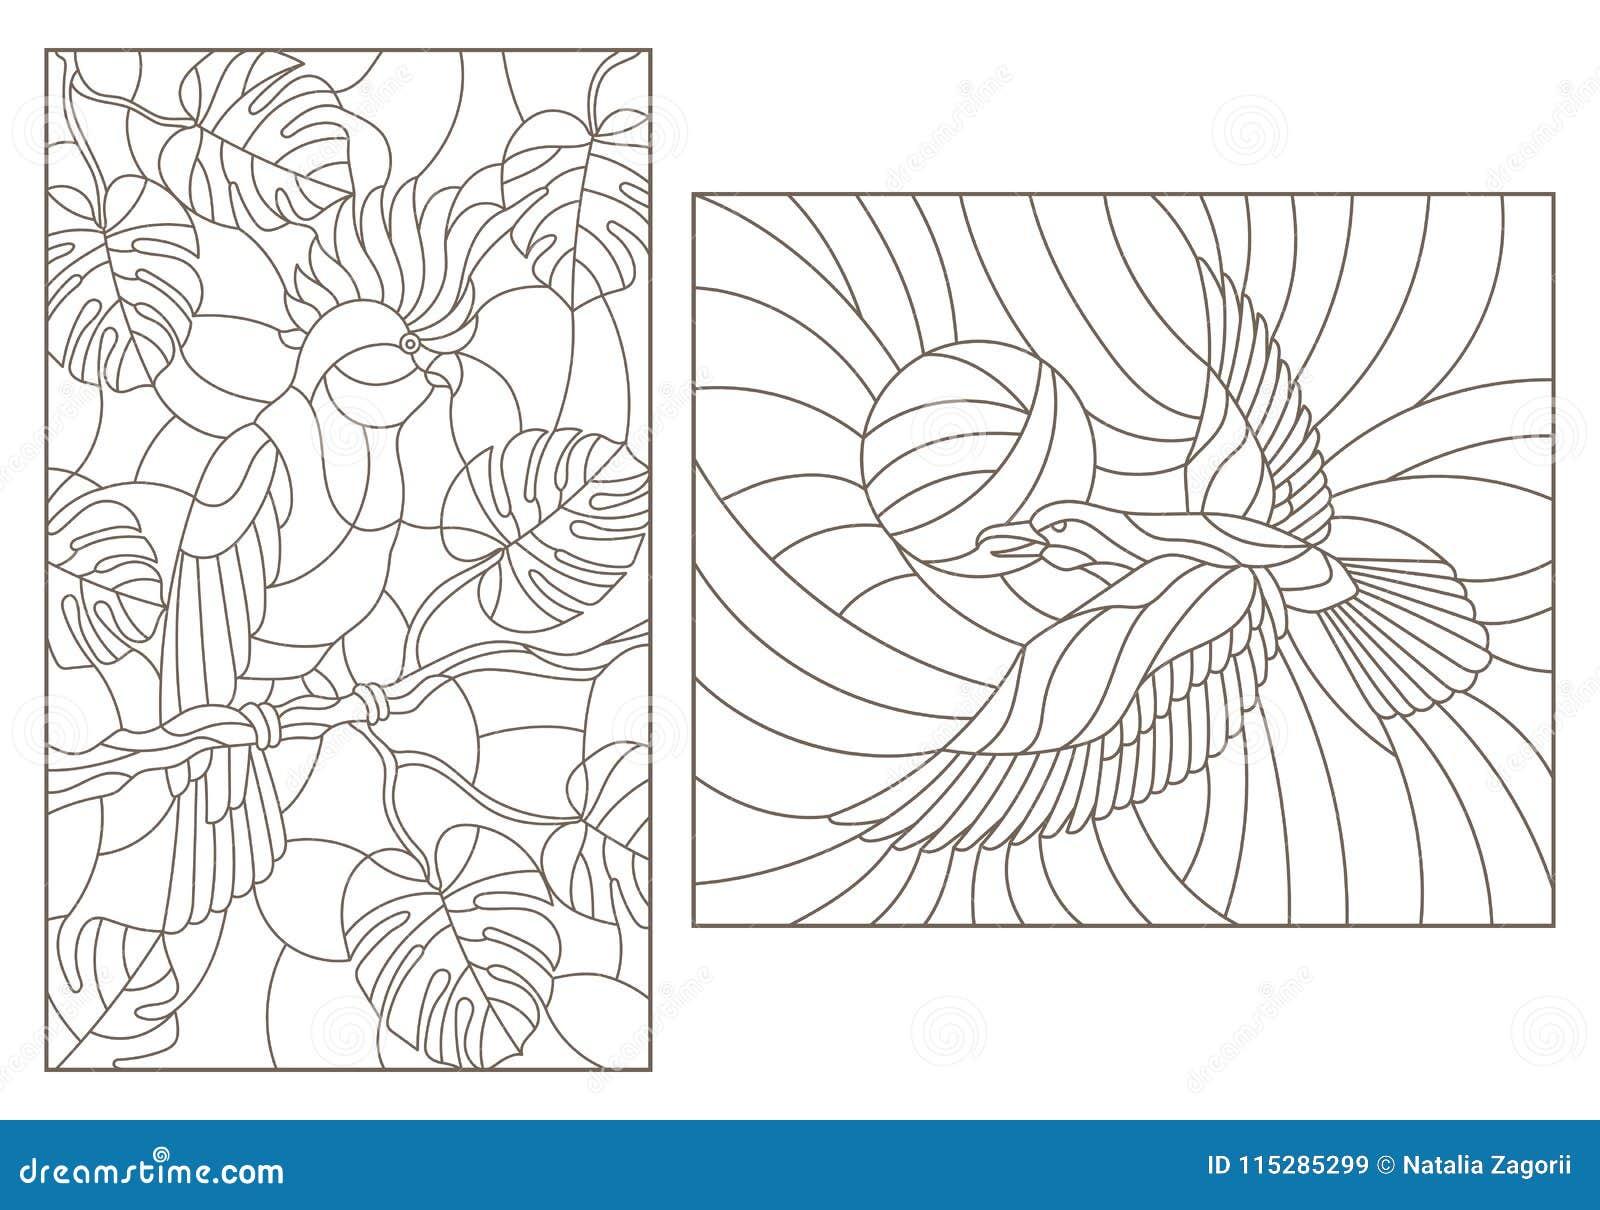 La découpe a placé avec des illustrations de verre souillé avec des oiseaux, un perroquet sur les branches des usines et les corn